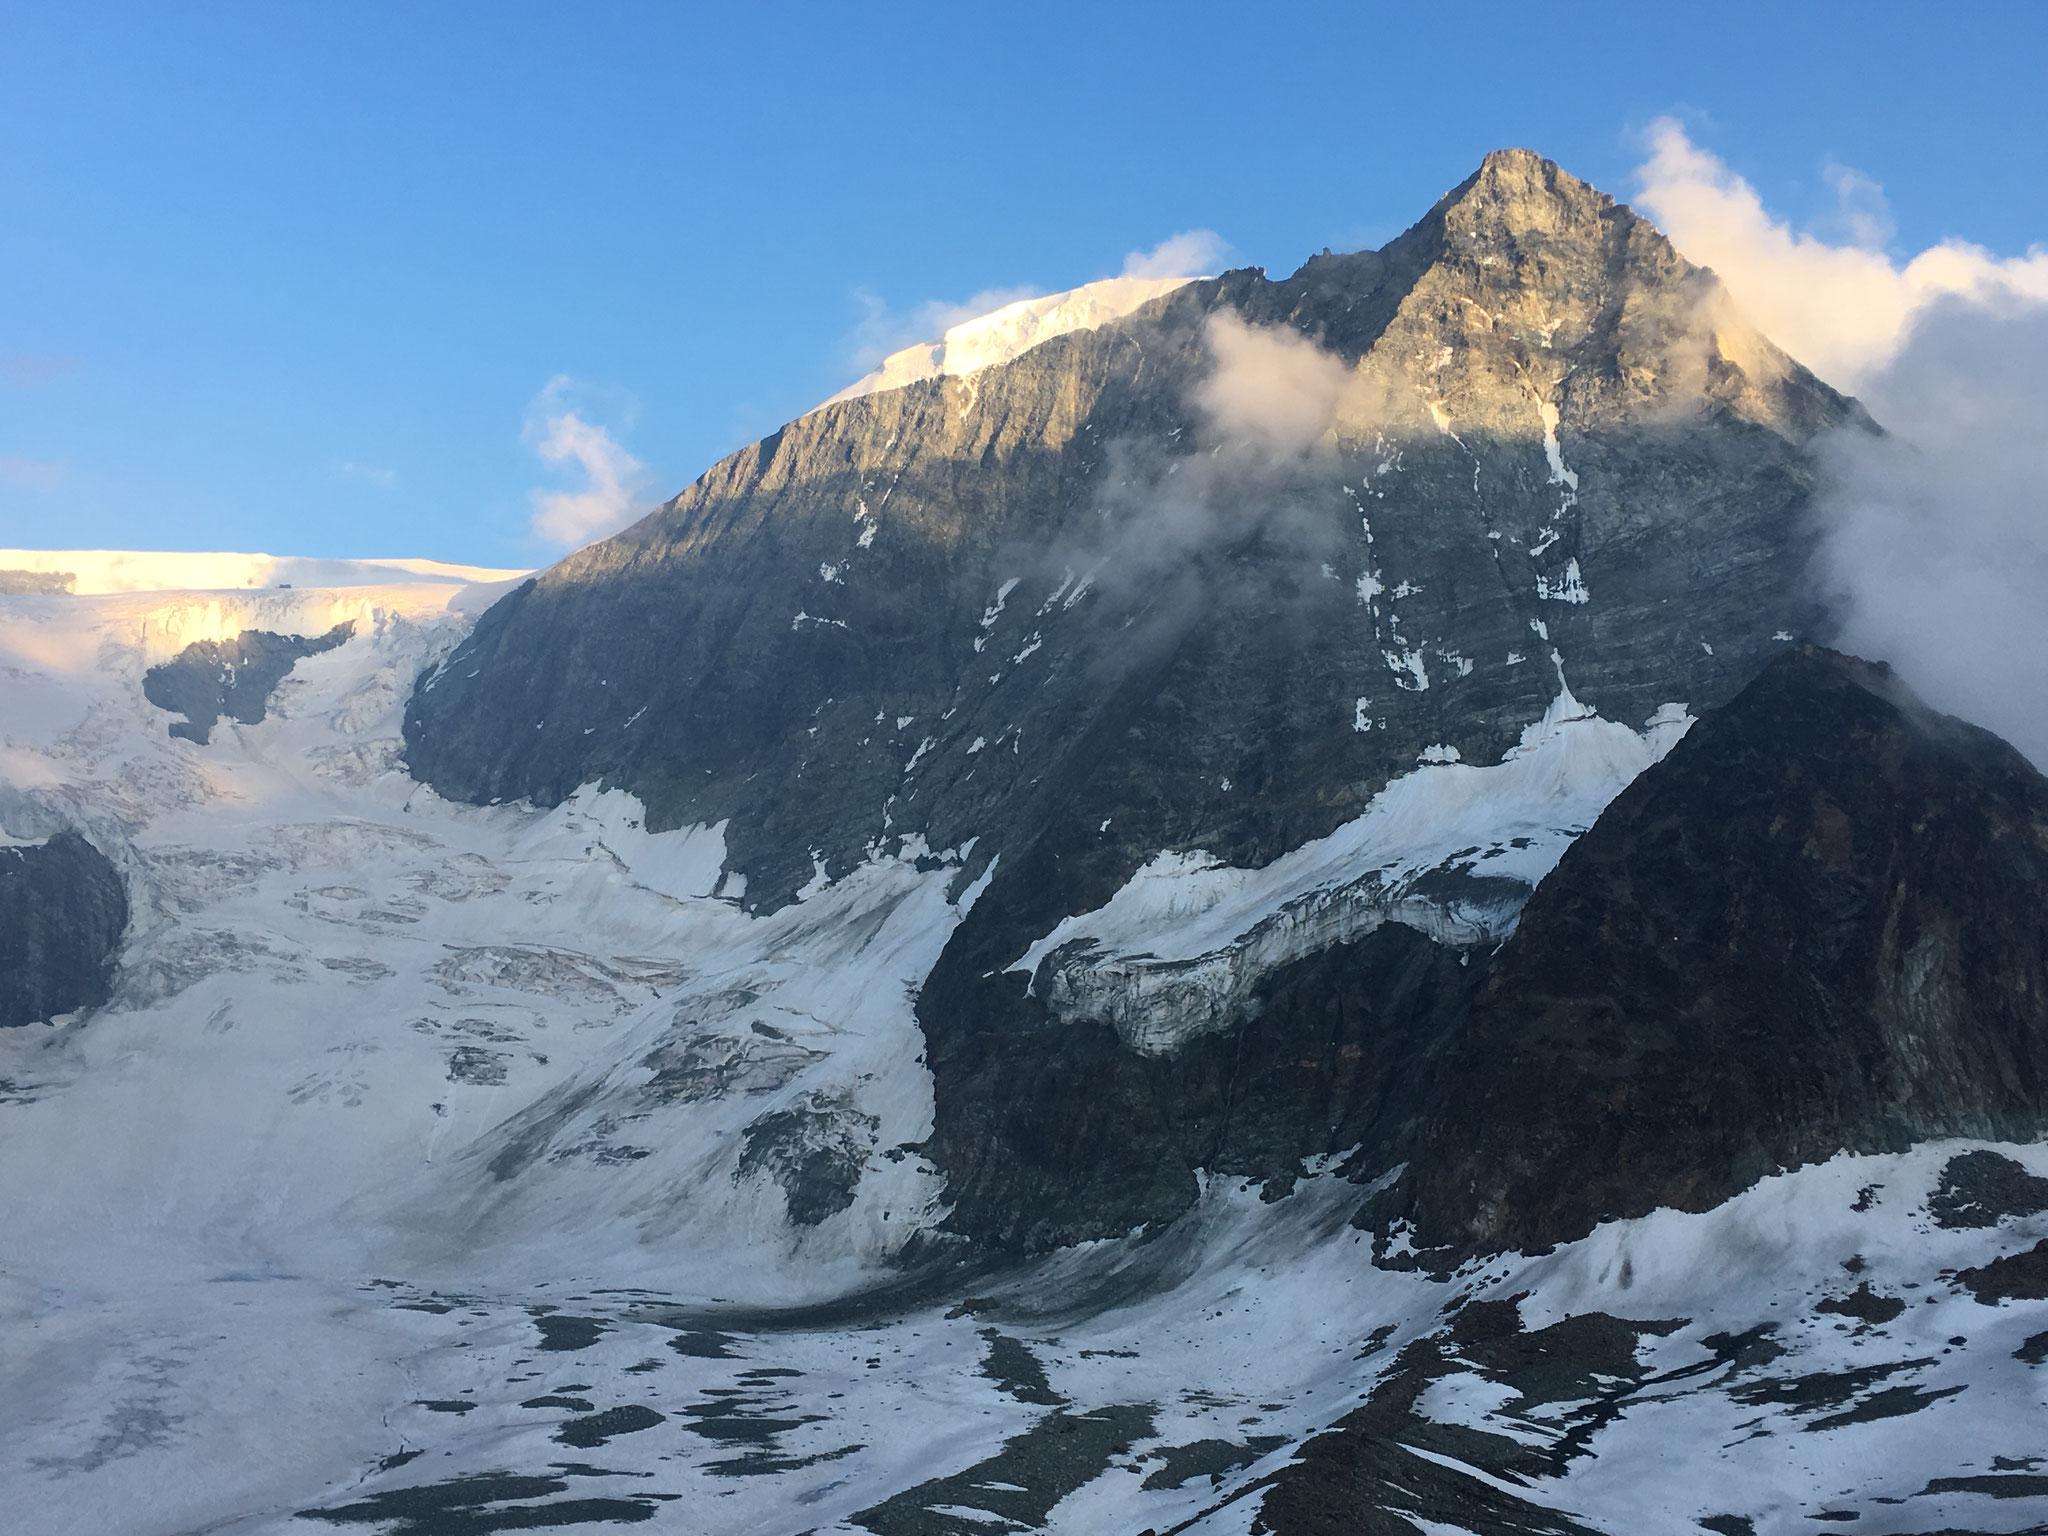 Après Chanrion, la Cabane des Dix et son Mt-Blanc de Cheilon